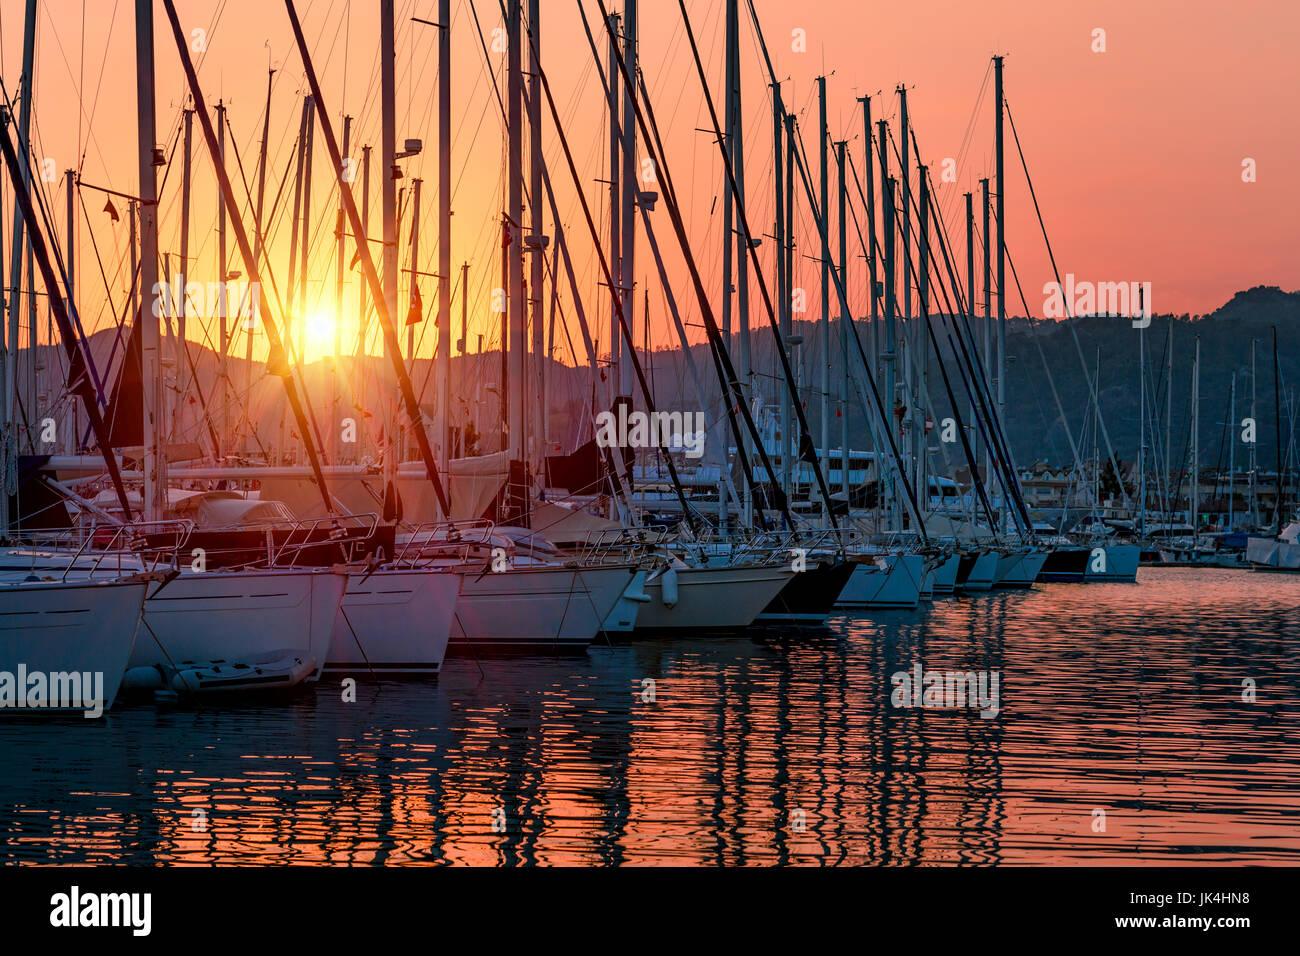 Barche a vela nel porto di mite la luce del tramonto, bella vista sul lusso il trasporto di acqua nel dock, vacanze Foto Stock